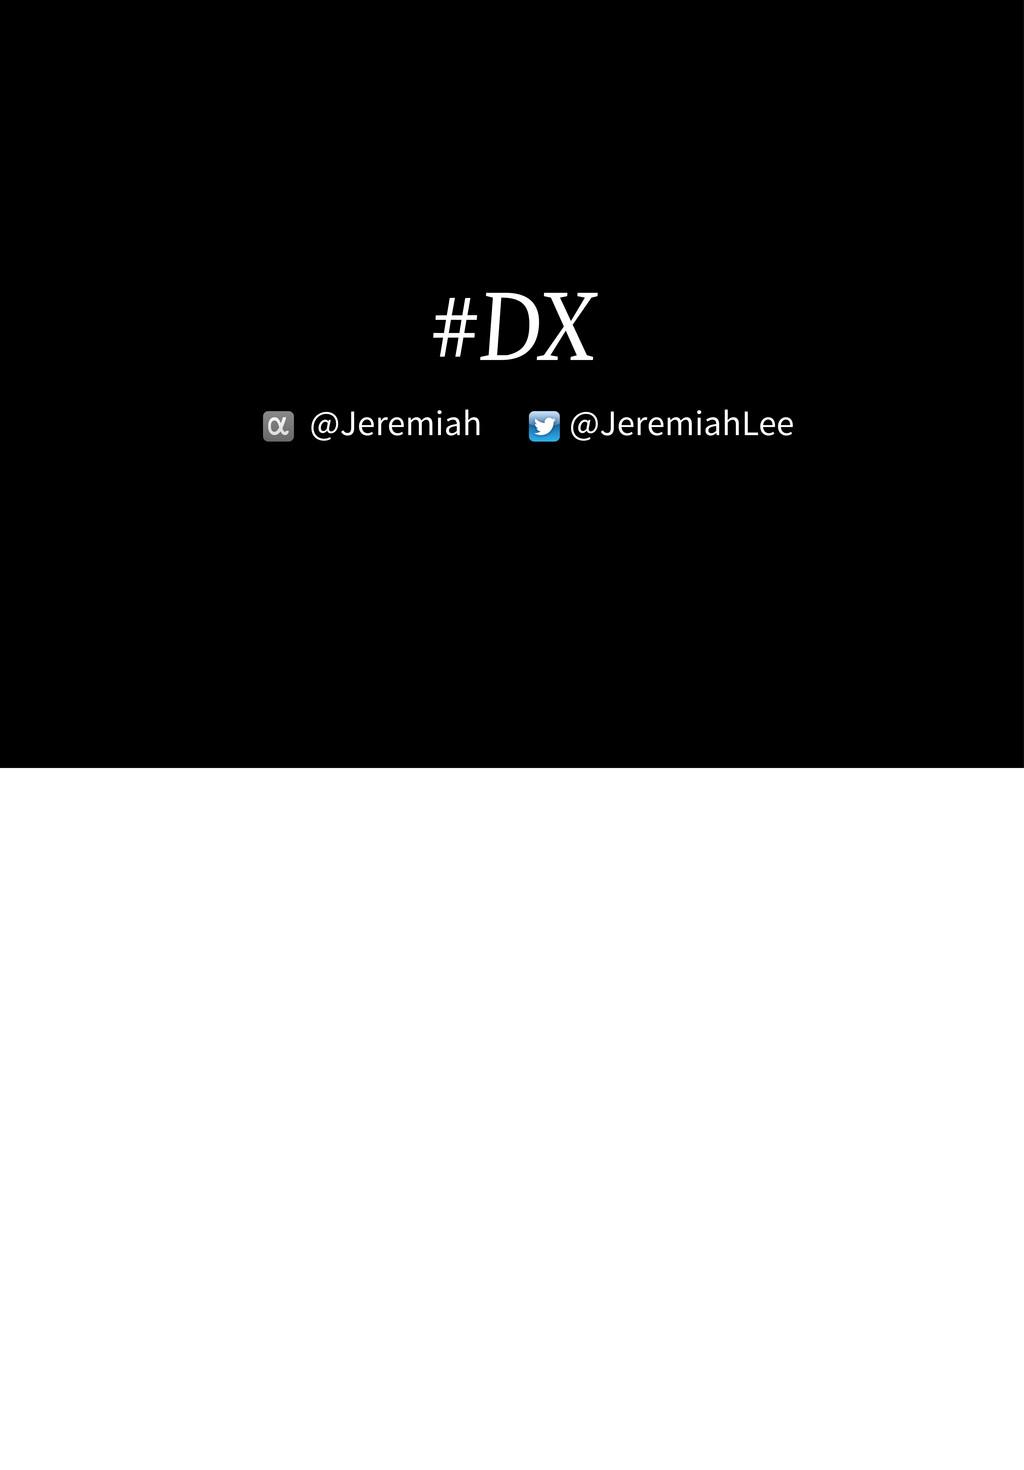 #DX @Jeremiah @JeremiahLee